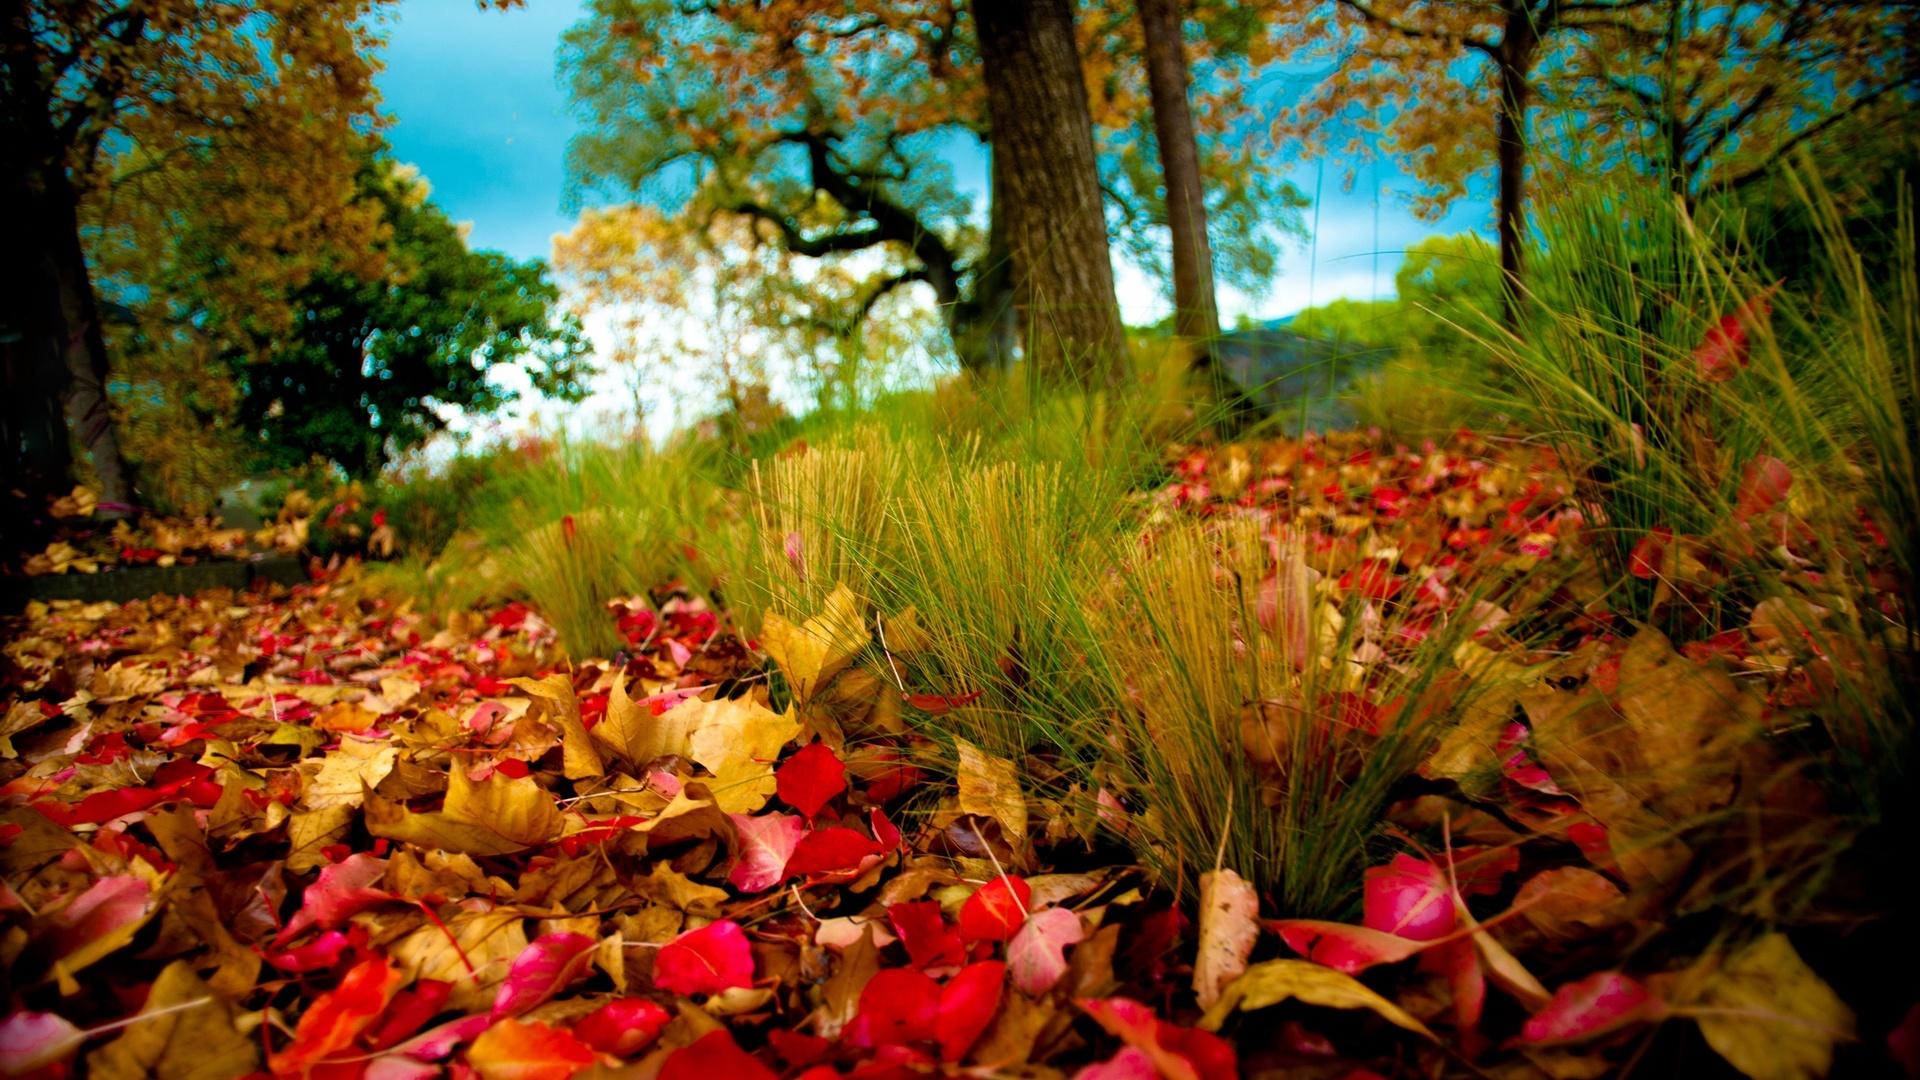 природа, деревья, листья, осень, трава